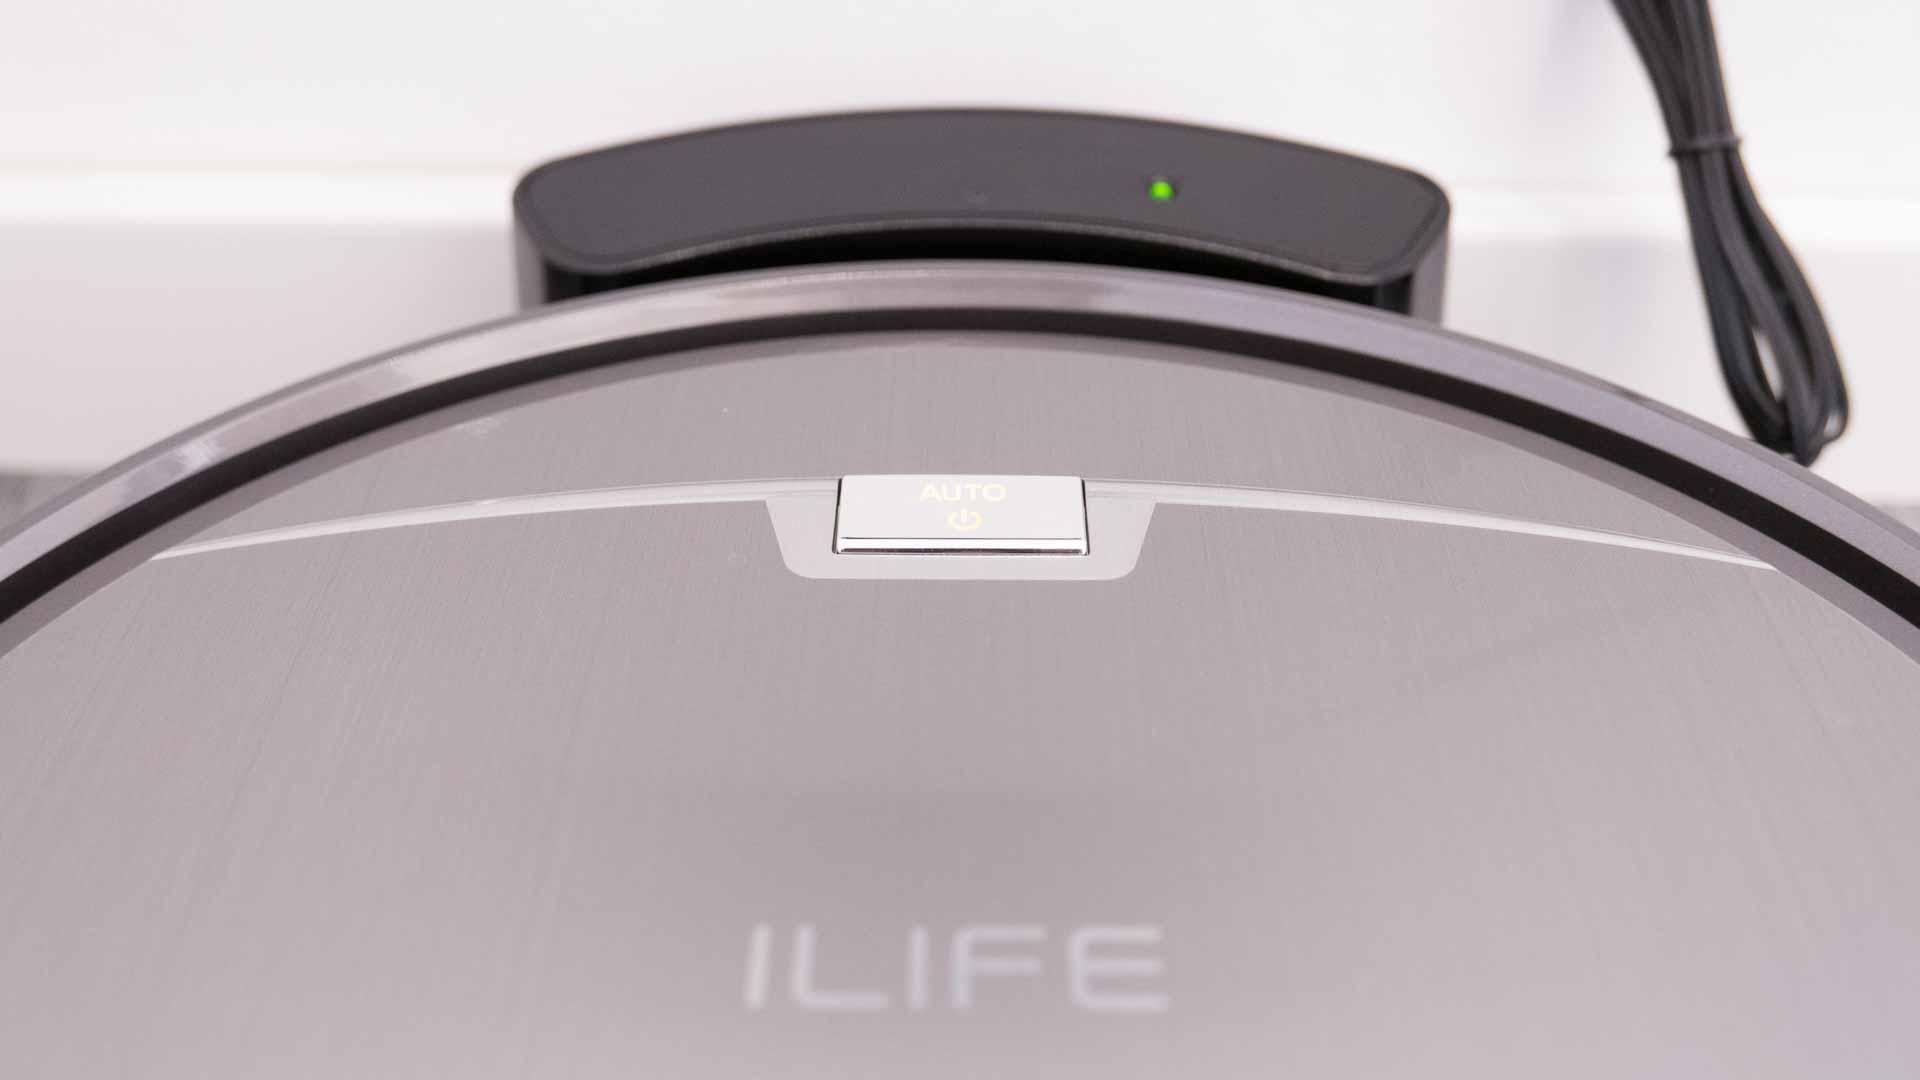 ILIFE-A4s-16